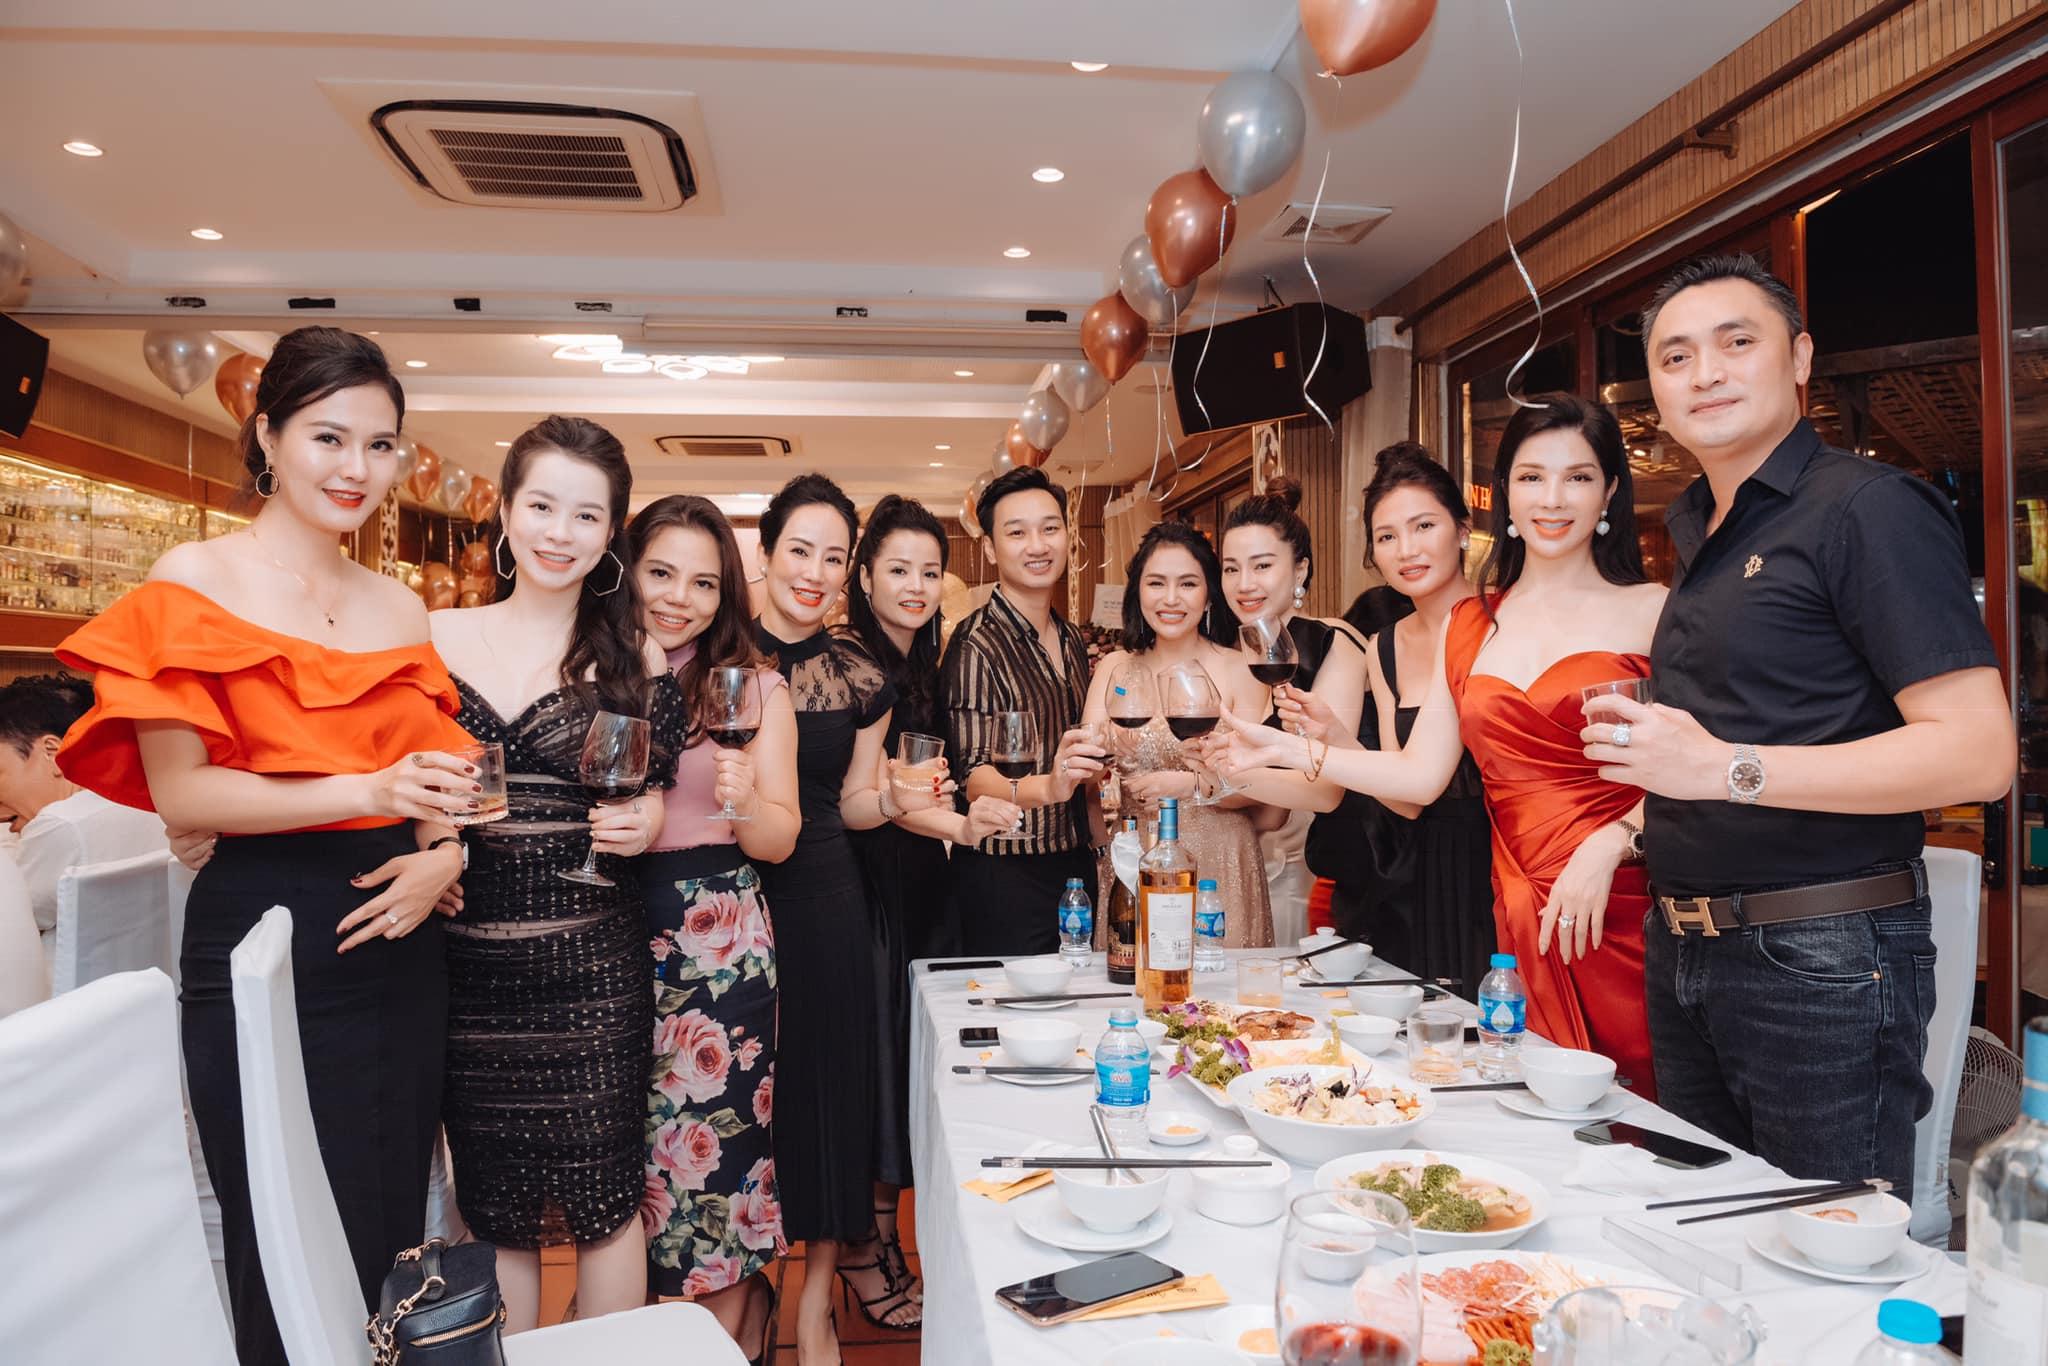 Nhà hàng Vân Hồ được đánh giá là một trong những nhà hàng ăn ngon và đẹp ở Hà Nội có nhiều món ăn ngon bậc nhất đất Hà thành.